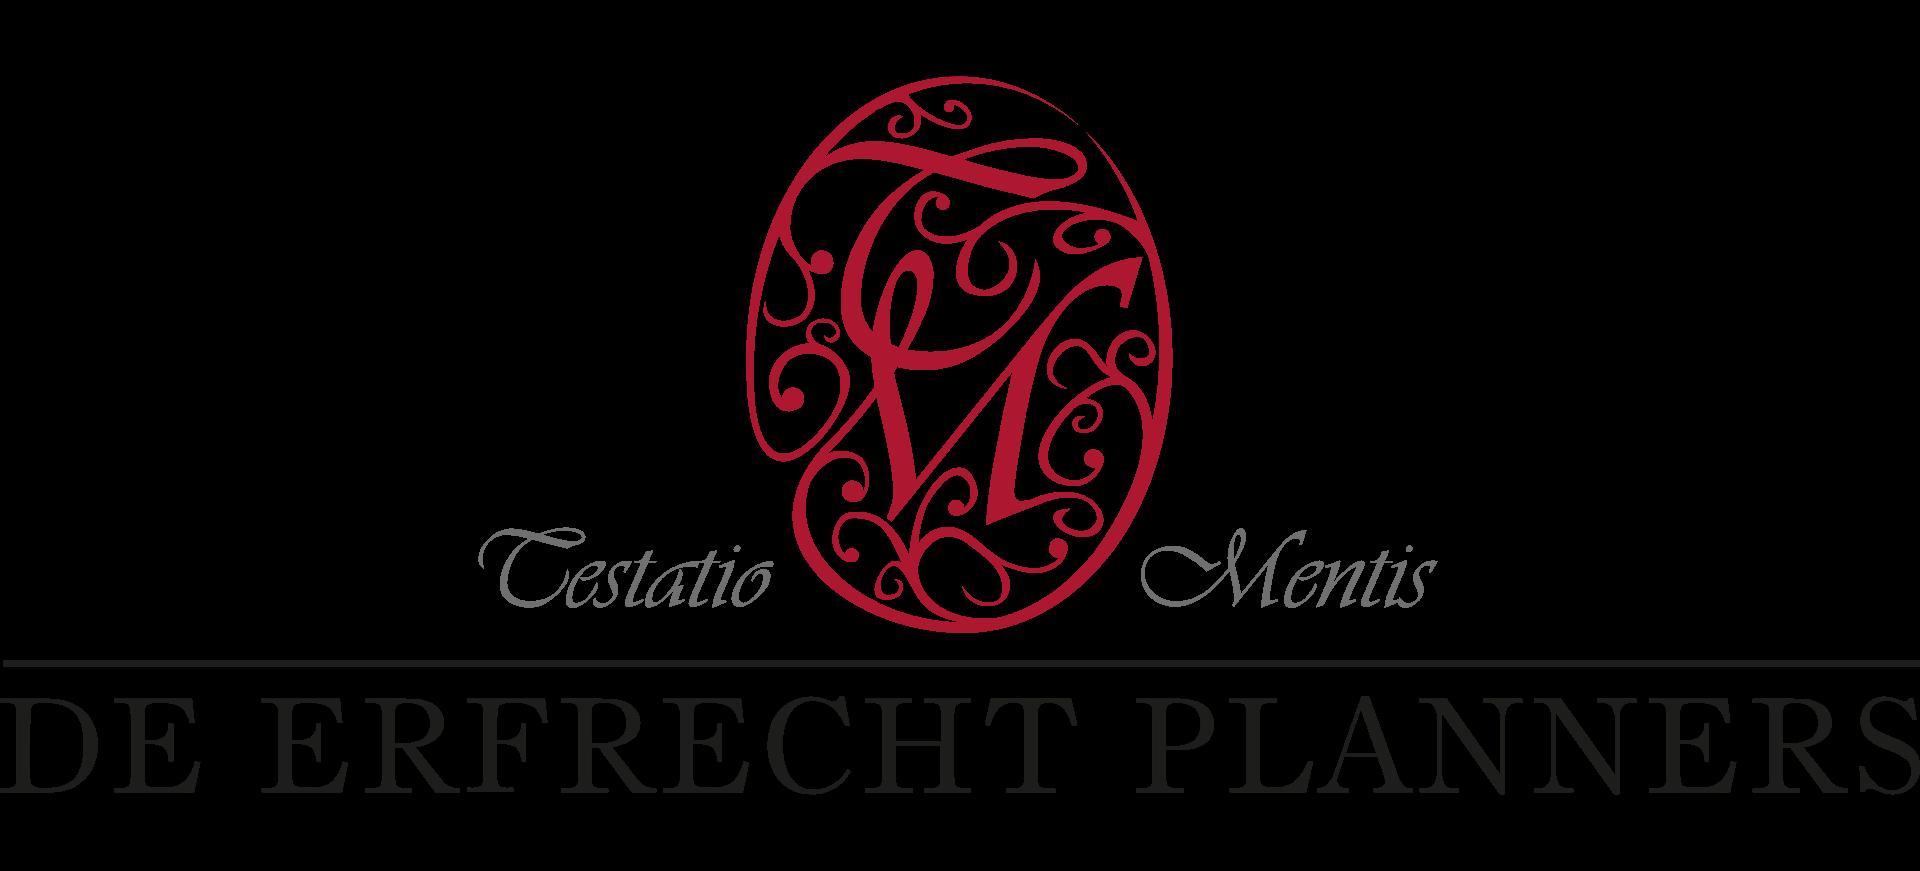 logo-erfrechtplanners